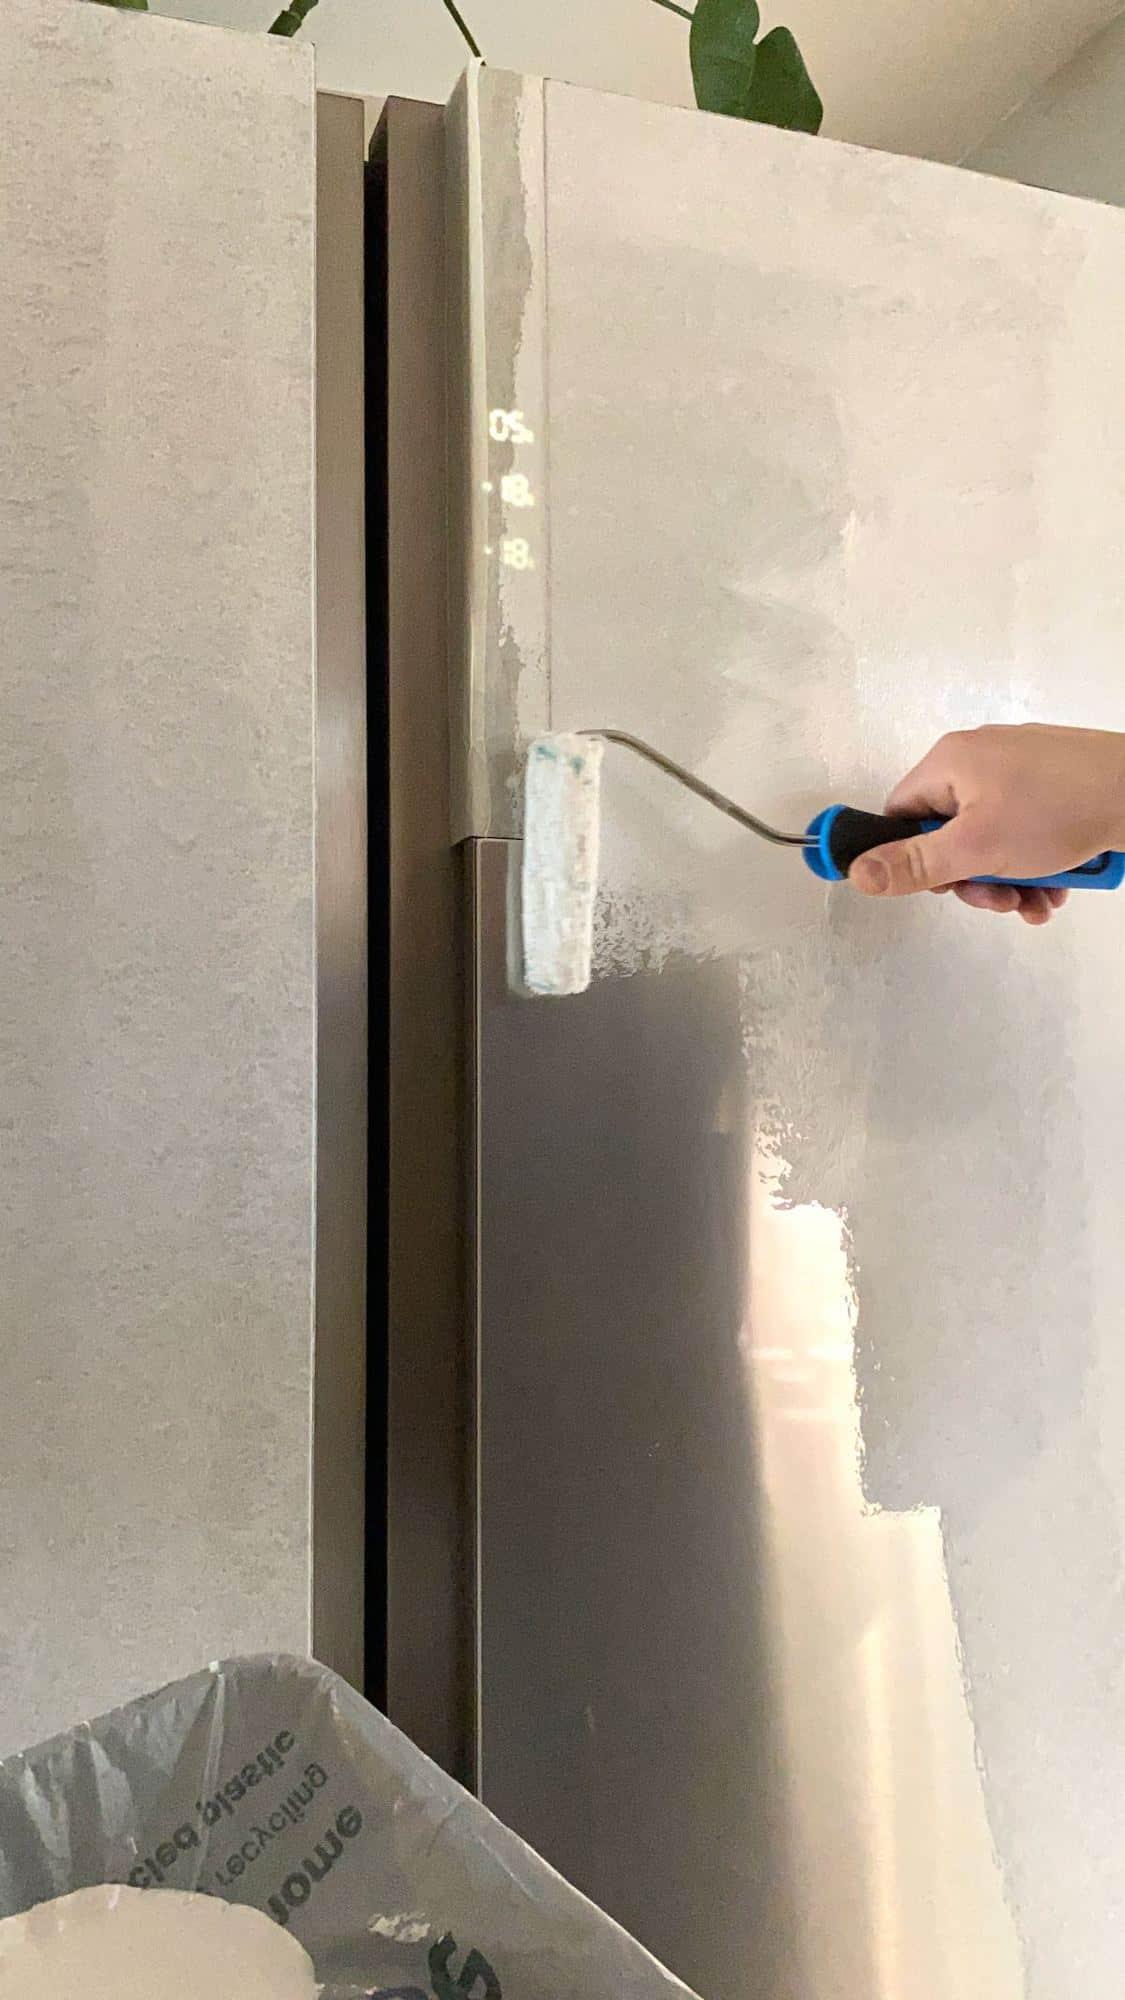 Applying primer paint on fridge surface